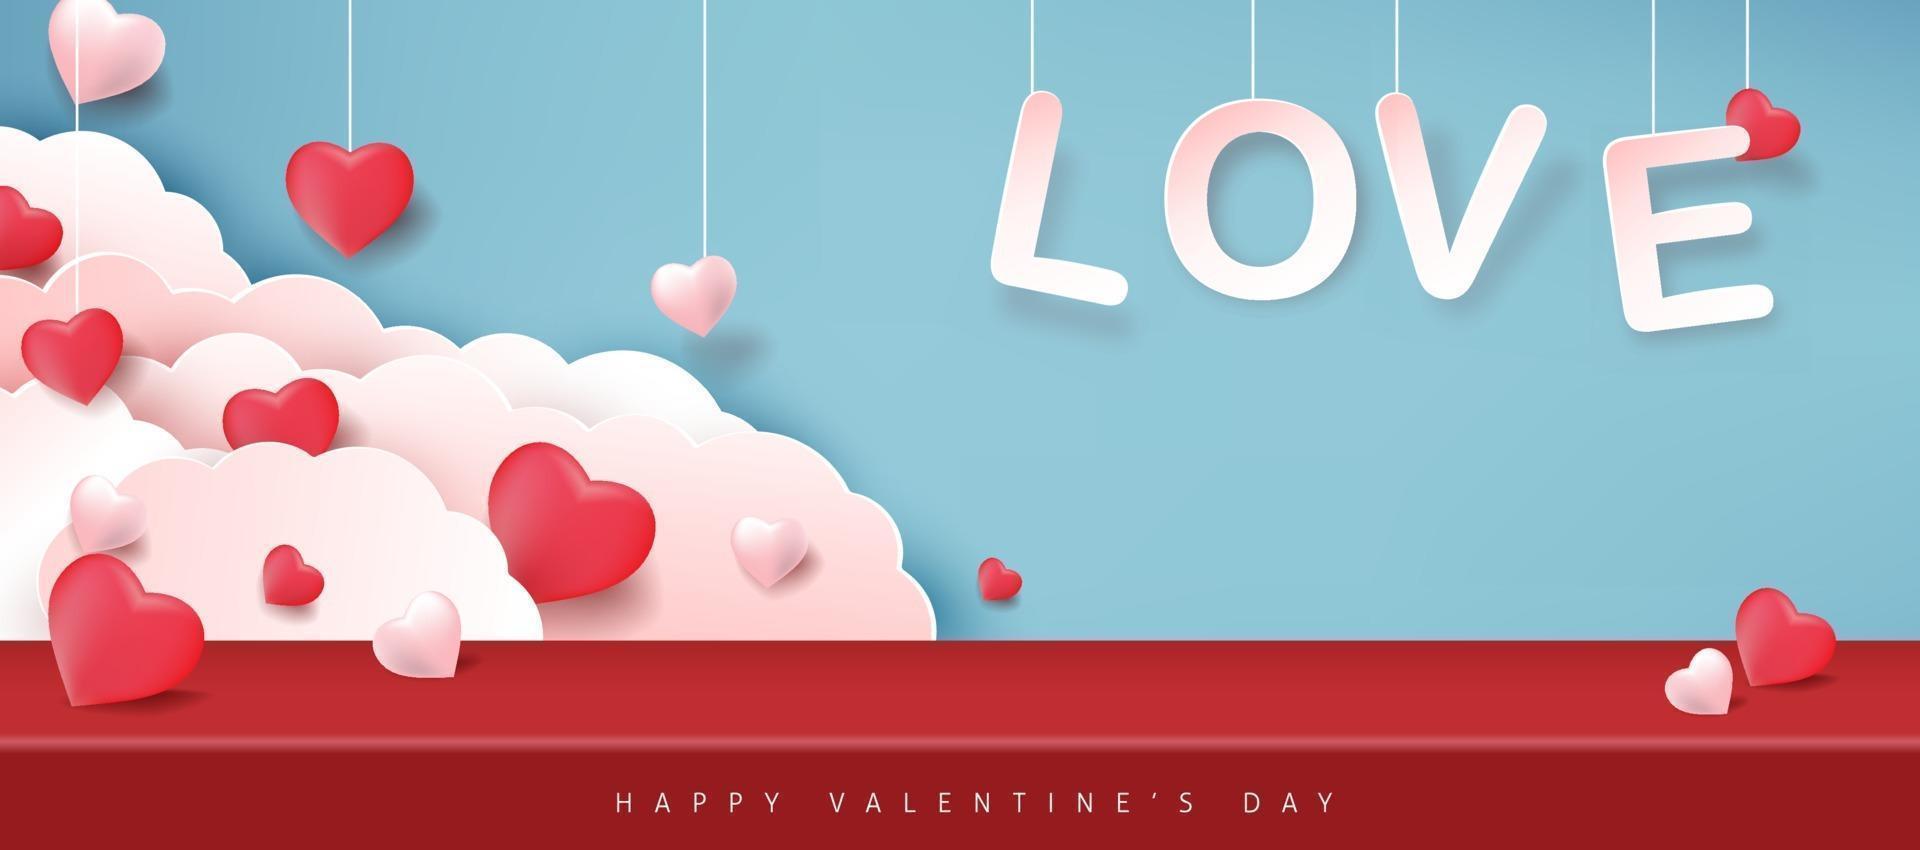 fundo do dia dos namorados com texto de amor, corações e nuvens pendurados vetor